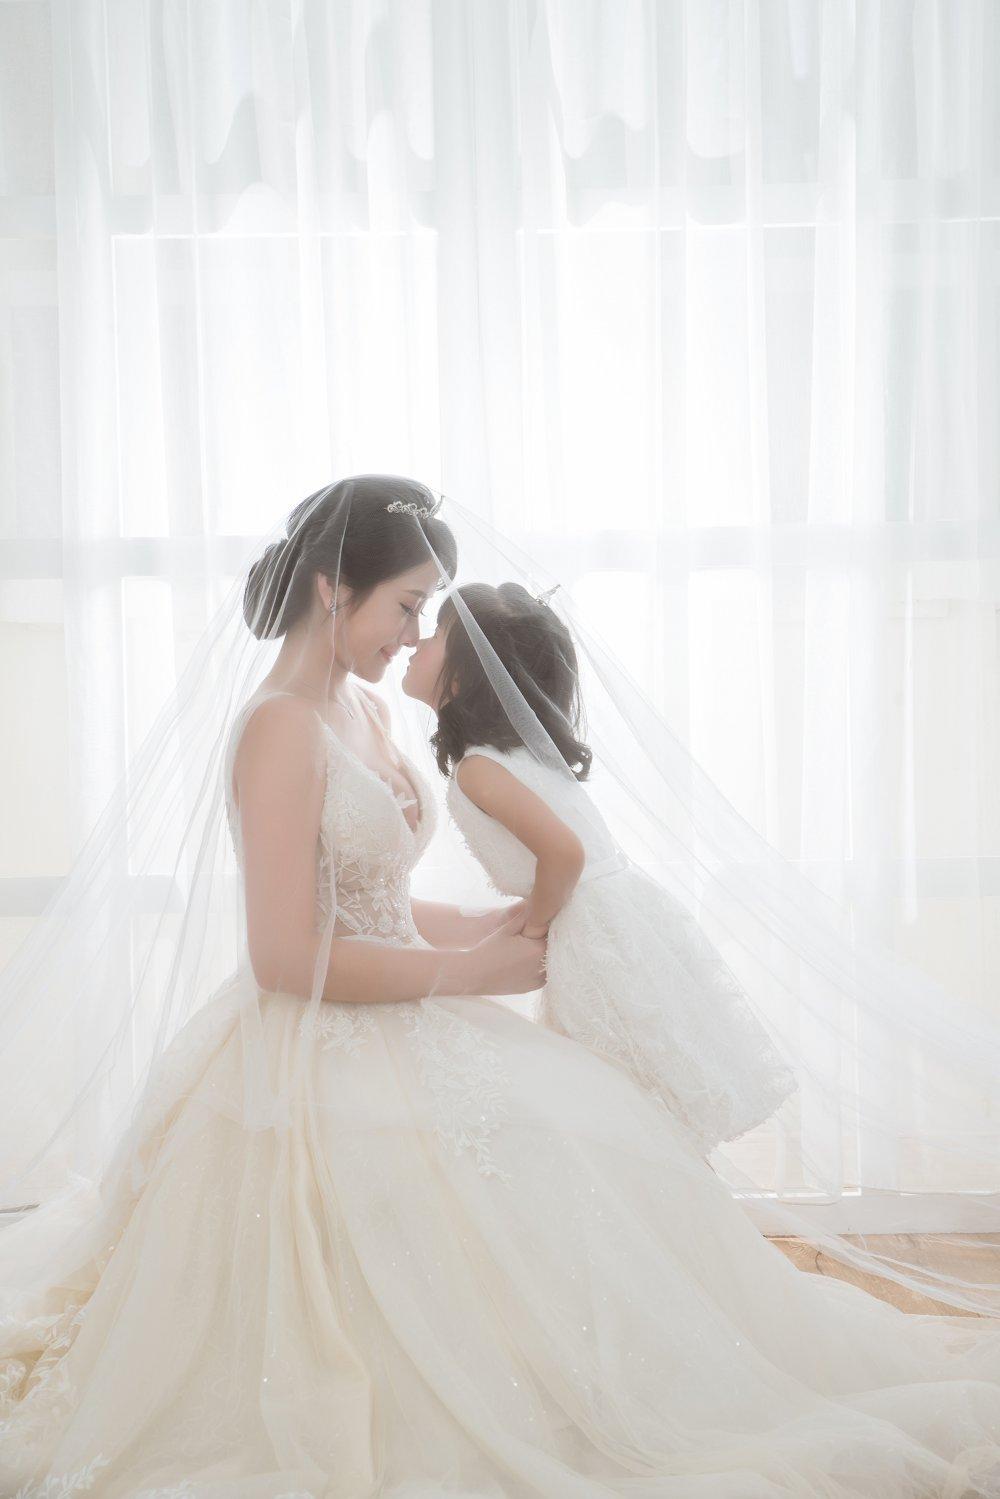 伊頓自助婚紗全家福照親子婚紗